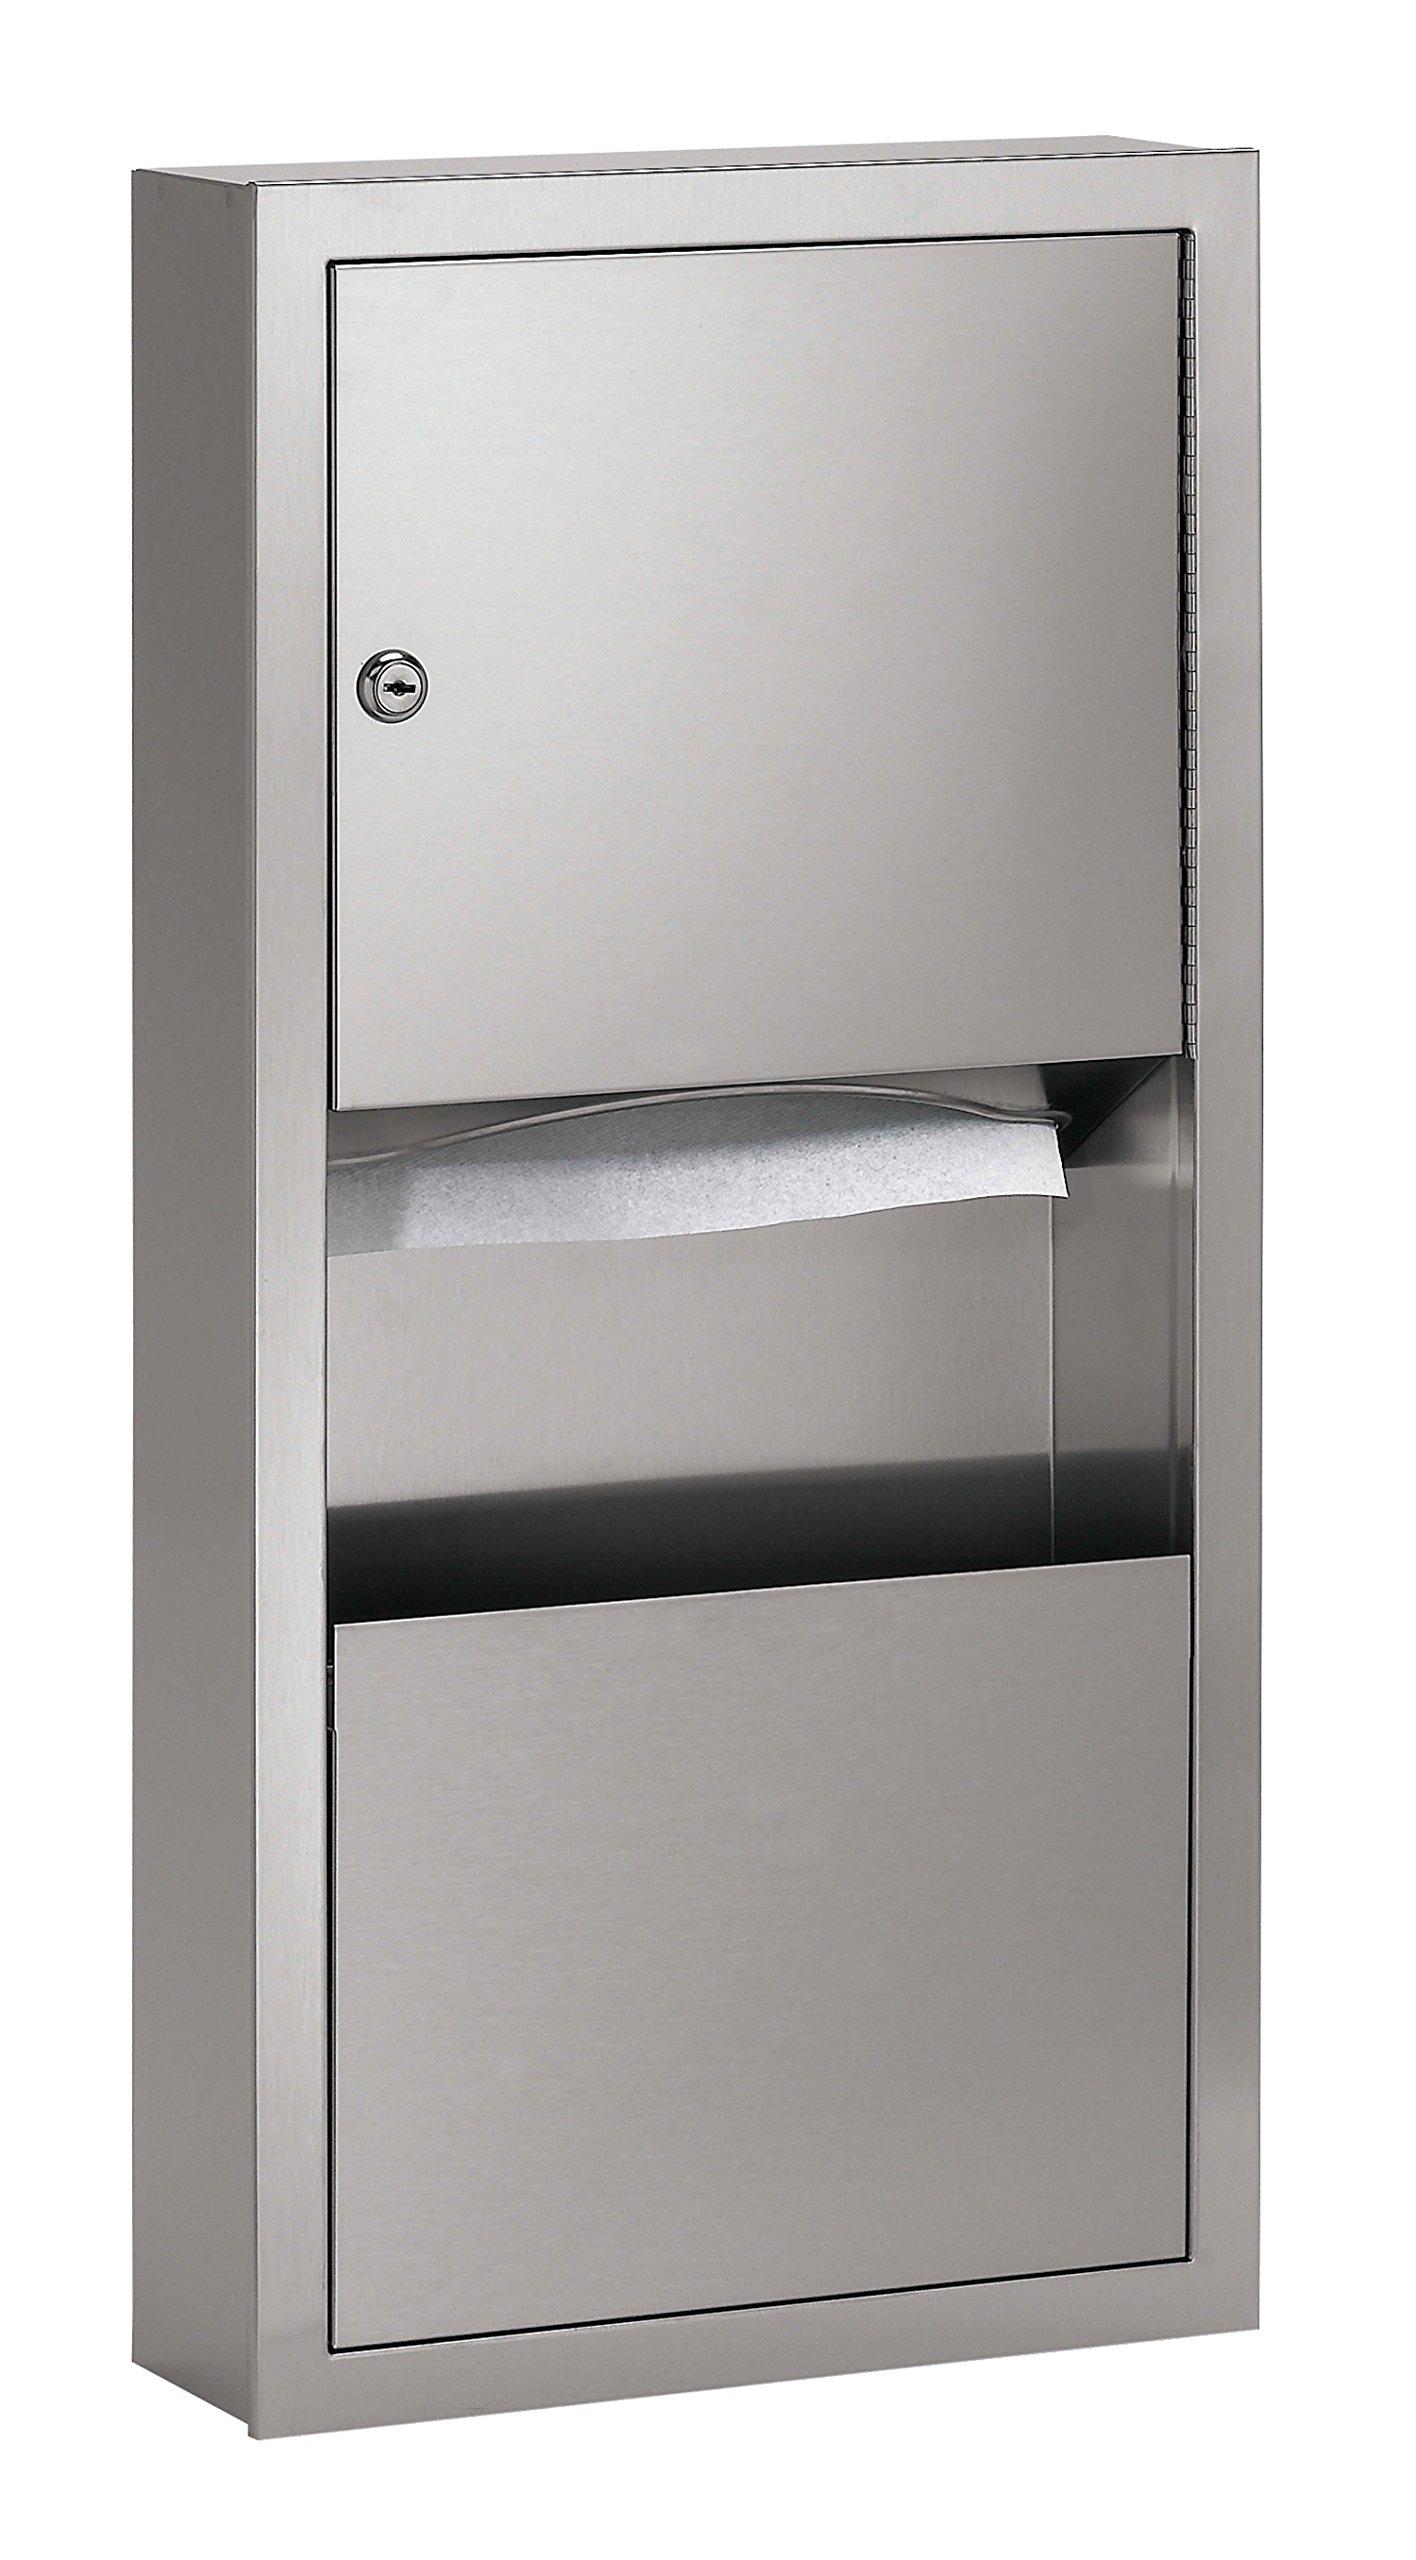 Bradley 2291-000000 Standard Stainless Steel Recessed Mounted Towel Dispenser/Waste Receptacle, 14'' Width x 28'' Height x 4'' Depth by Bradley